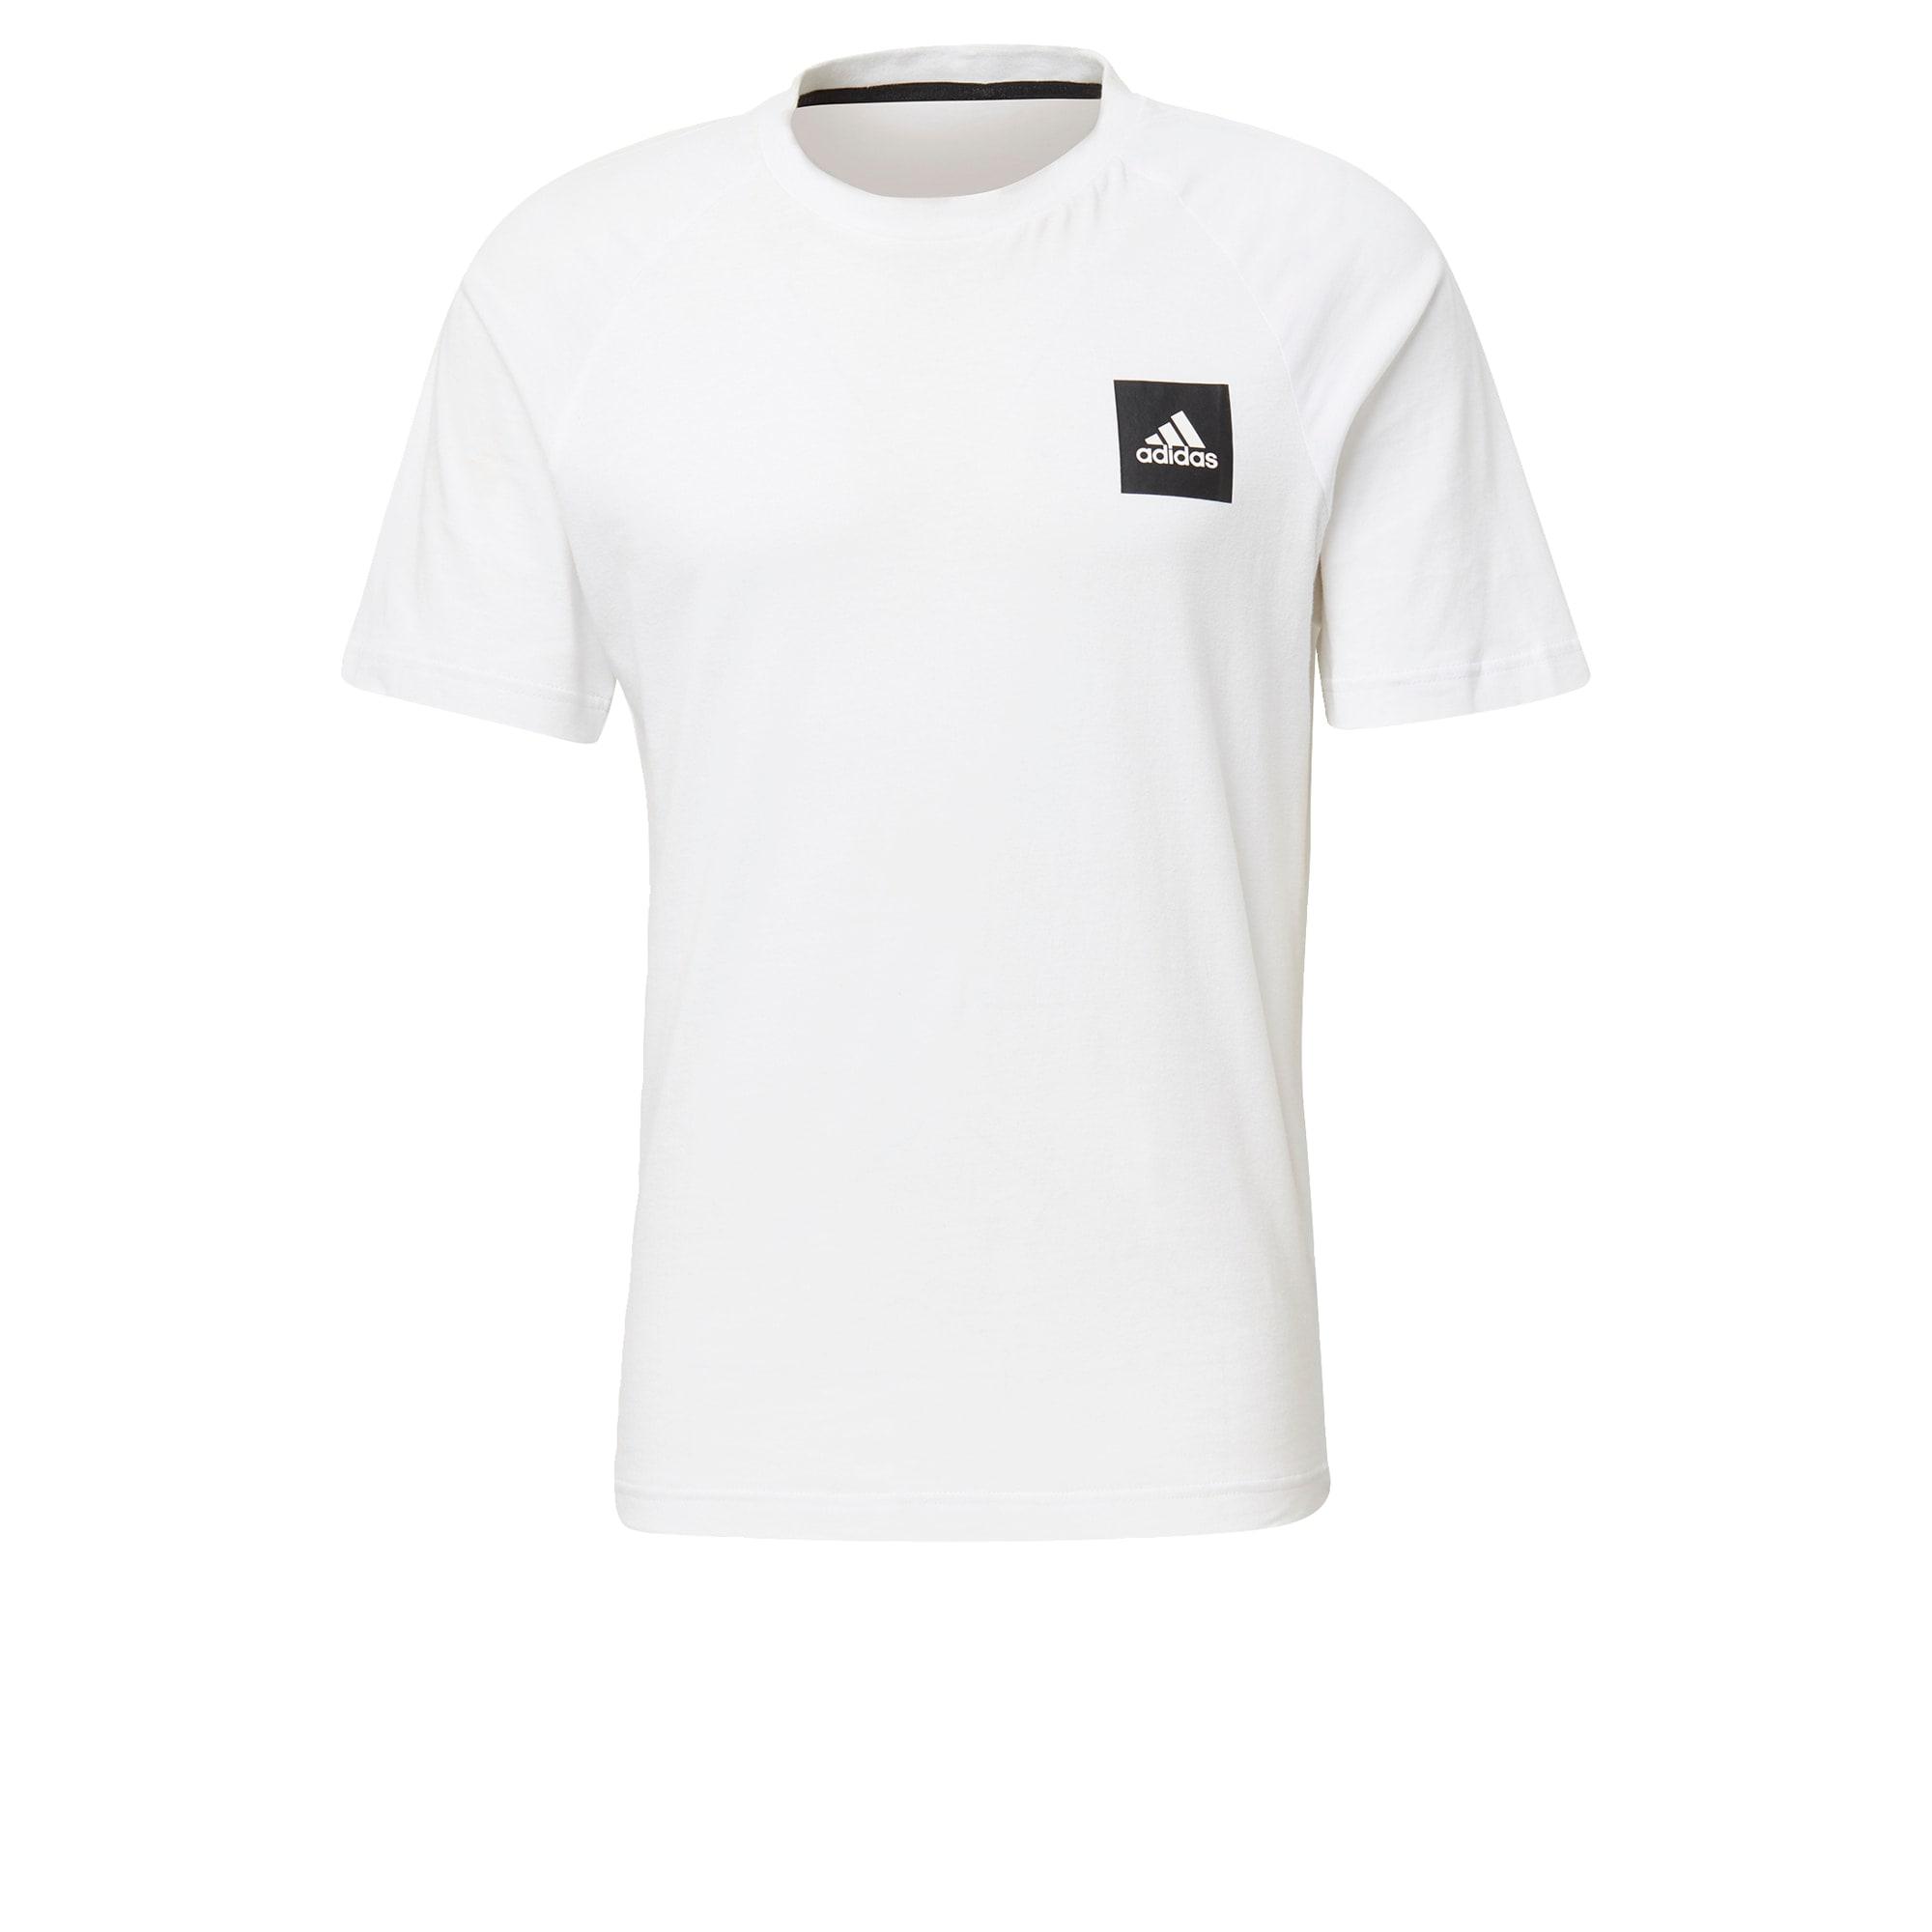 ADIDAS PERFORMANCE Sportiniai marškinėliai 'MHE Tee STA' juoda / balta